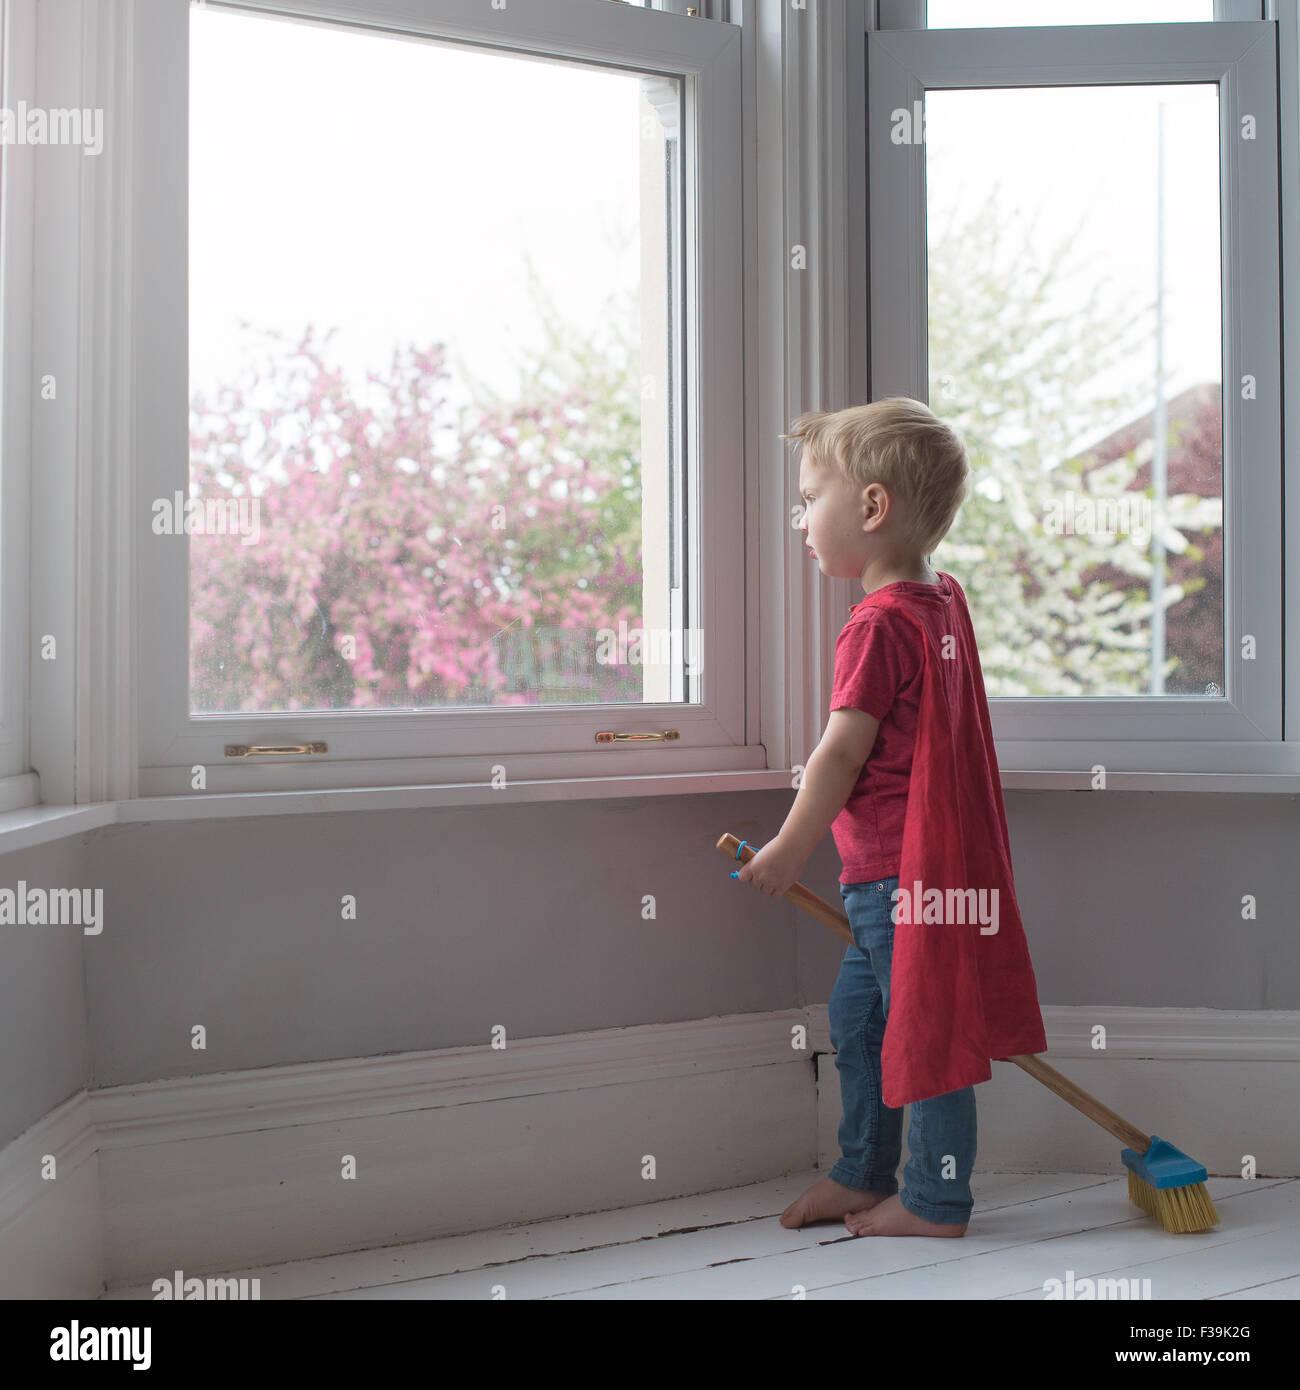 Garçon habillé comme super-héros, à la recherche d'une fenêtre Photo Stock